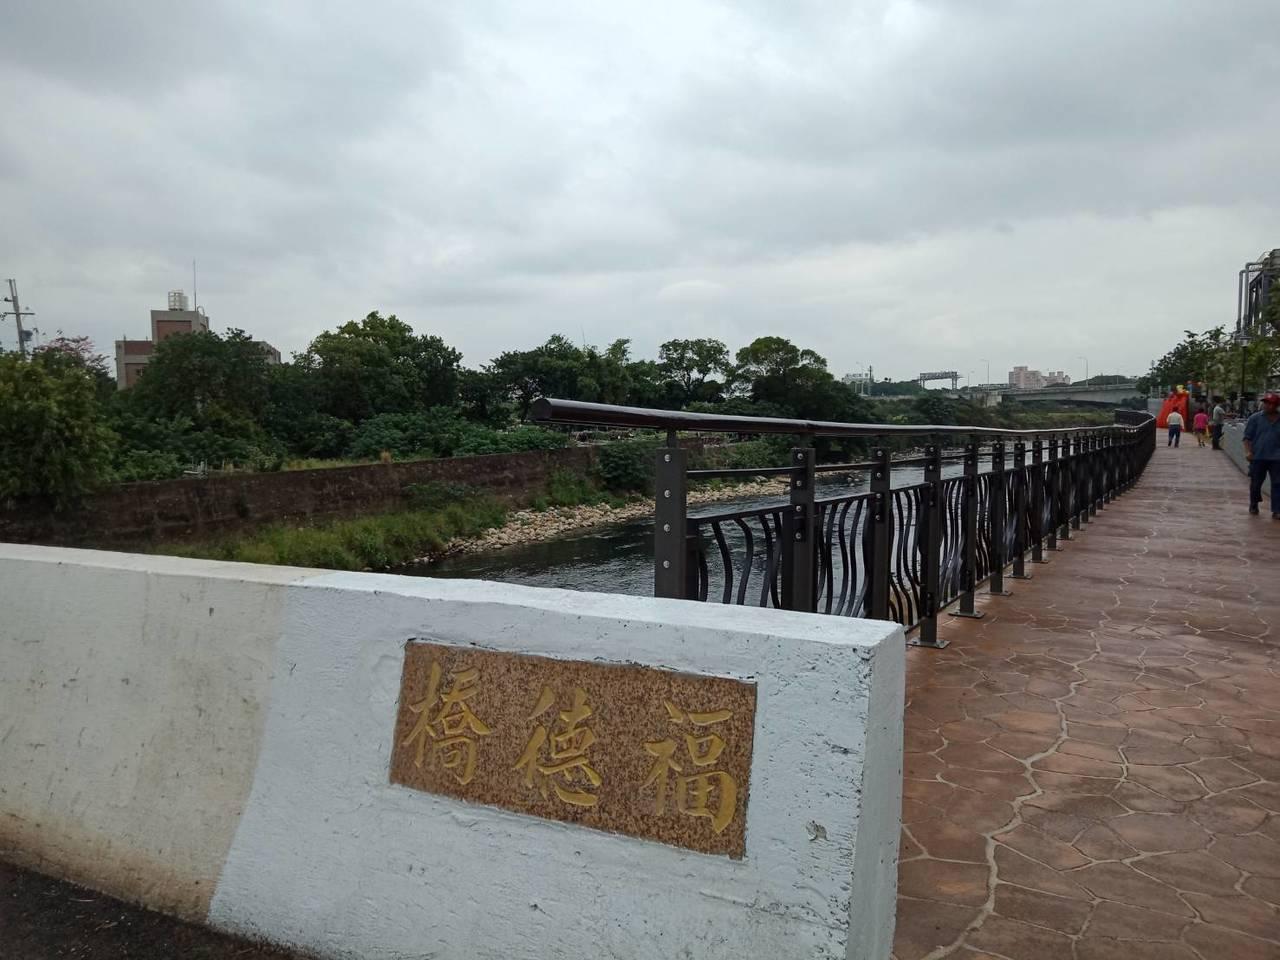 中壢新街溪人行步道新建工程(福德橋至水尾橋)今日完工啟用。圖/新聞處提供